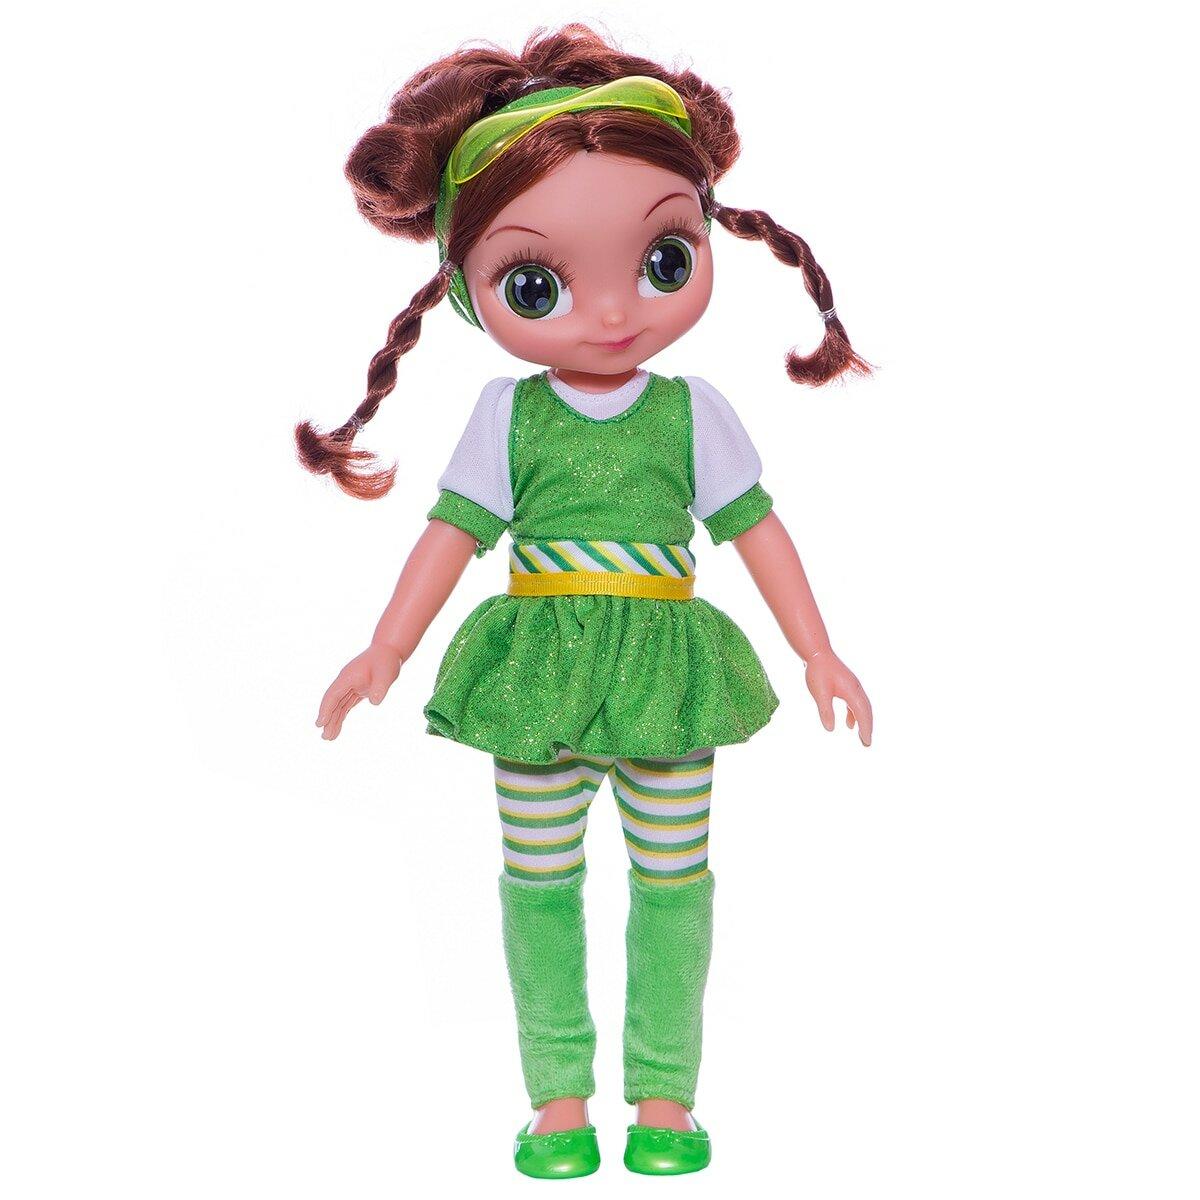 продукты картинки кукла маша из сказочного патруля второе место гонке